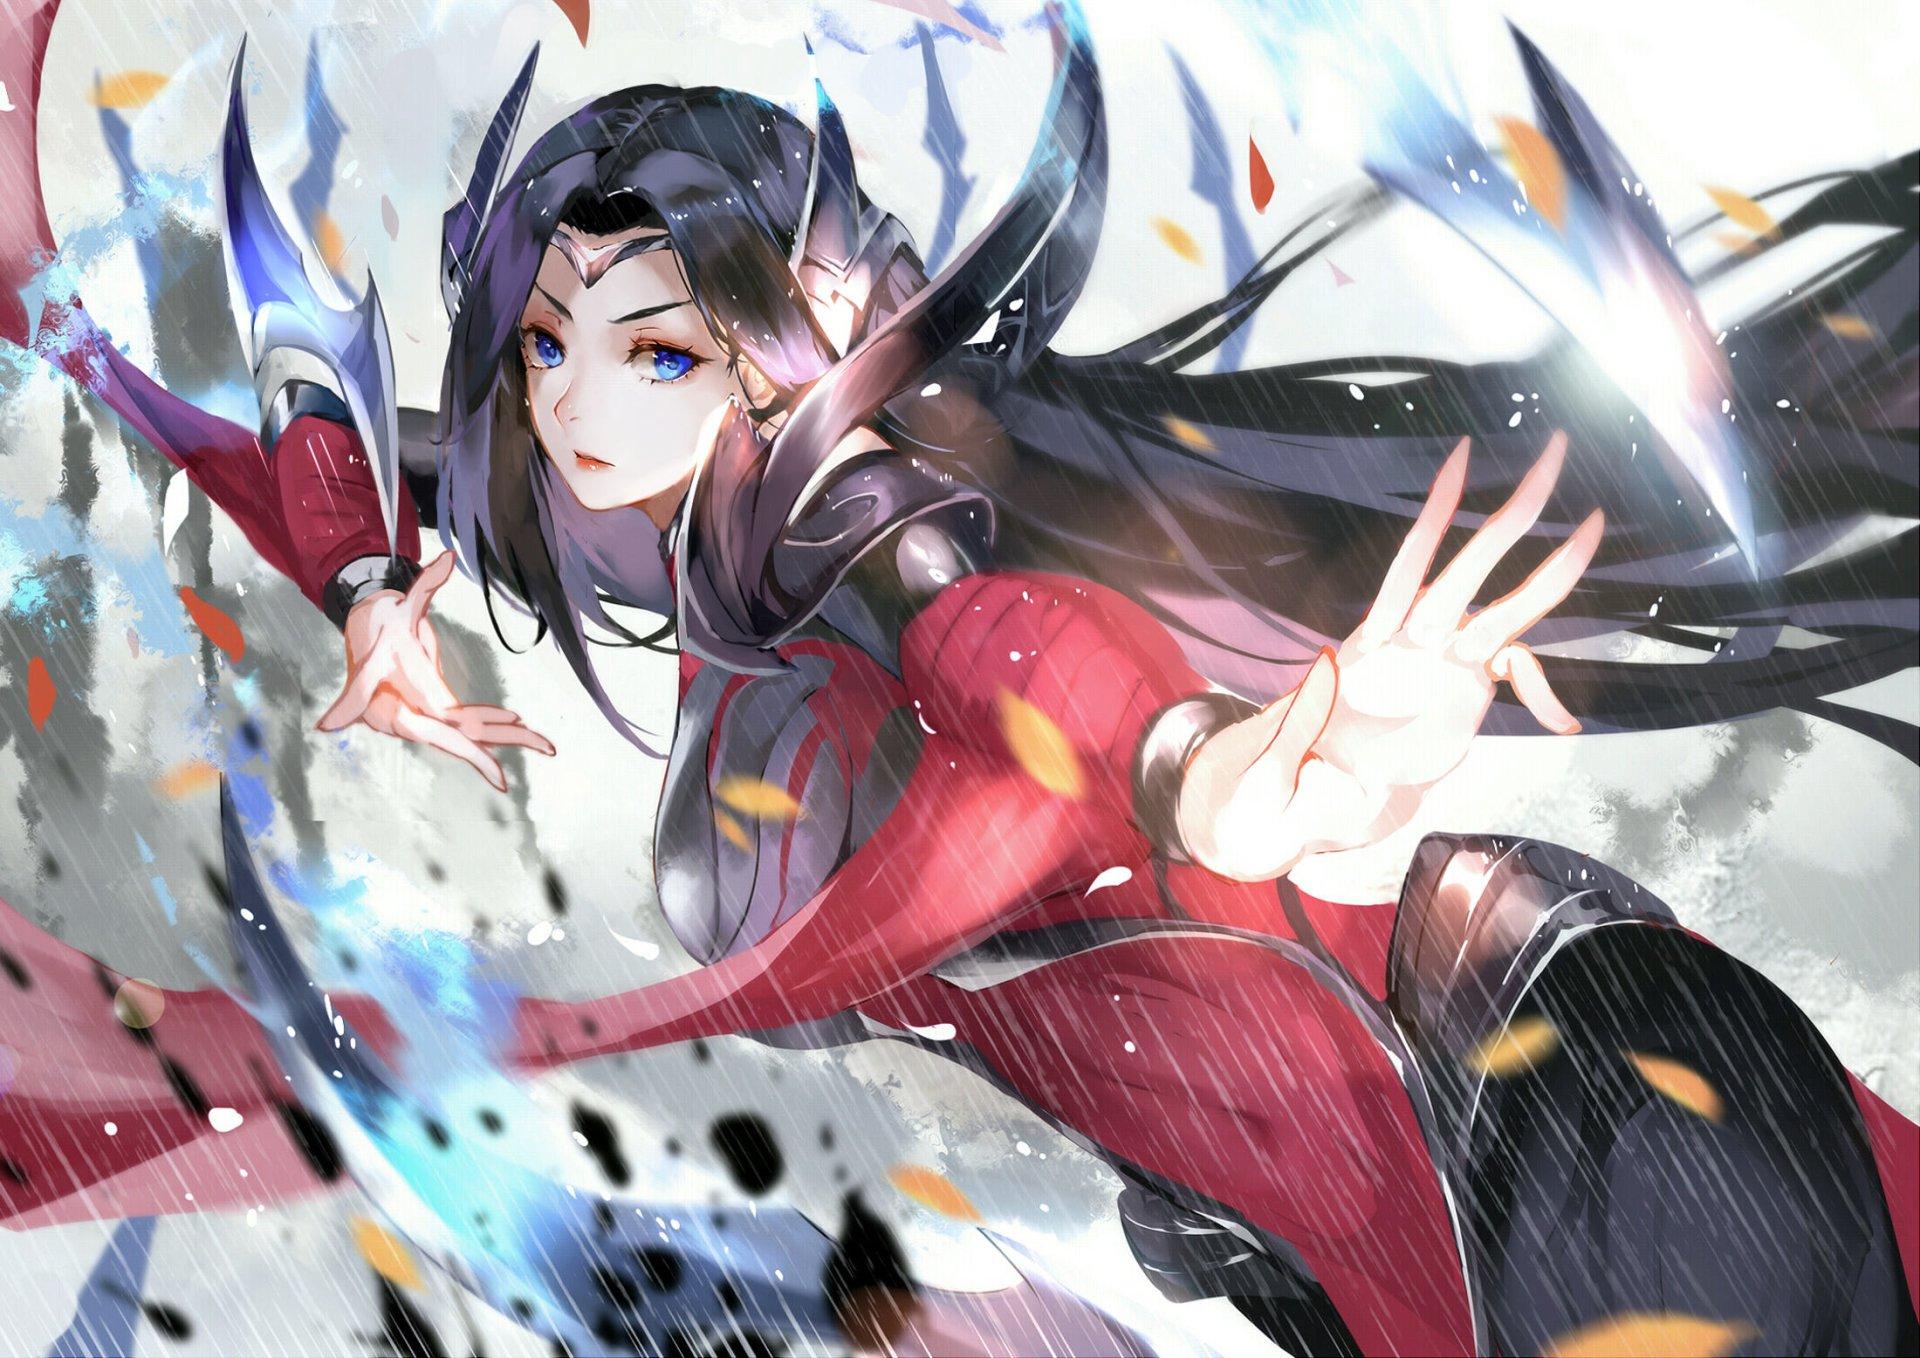 Tuyển tập hình nền nữ tướng Irelia (Vũ Kiếm Sư) trong game LOL số 41